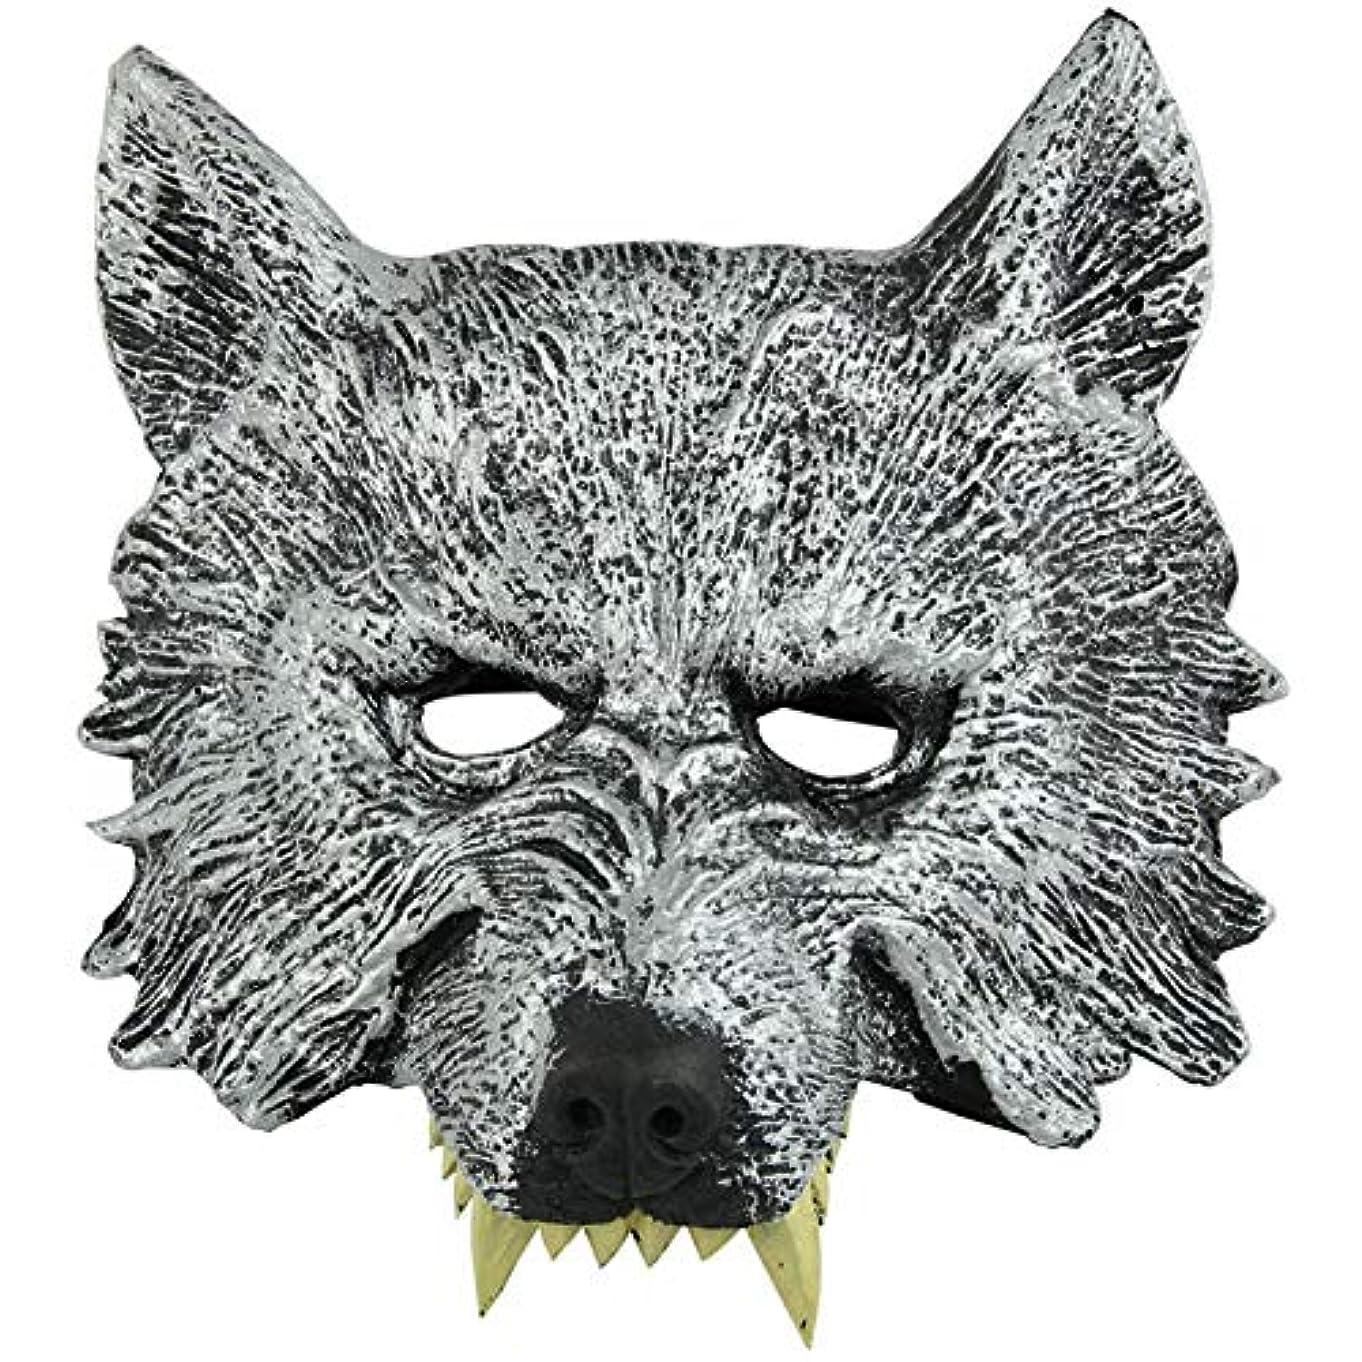 剛性記念碑プラットフォームオオカミヘッドマスク全身小道具ホリデー用品仮面舞踏会マスクハロウィンマスク